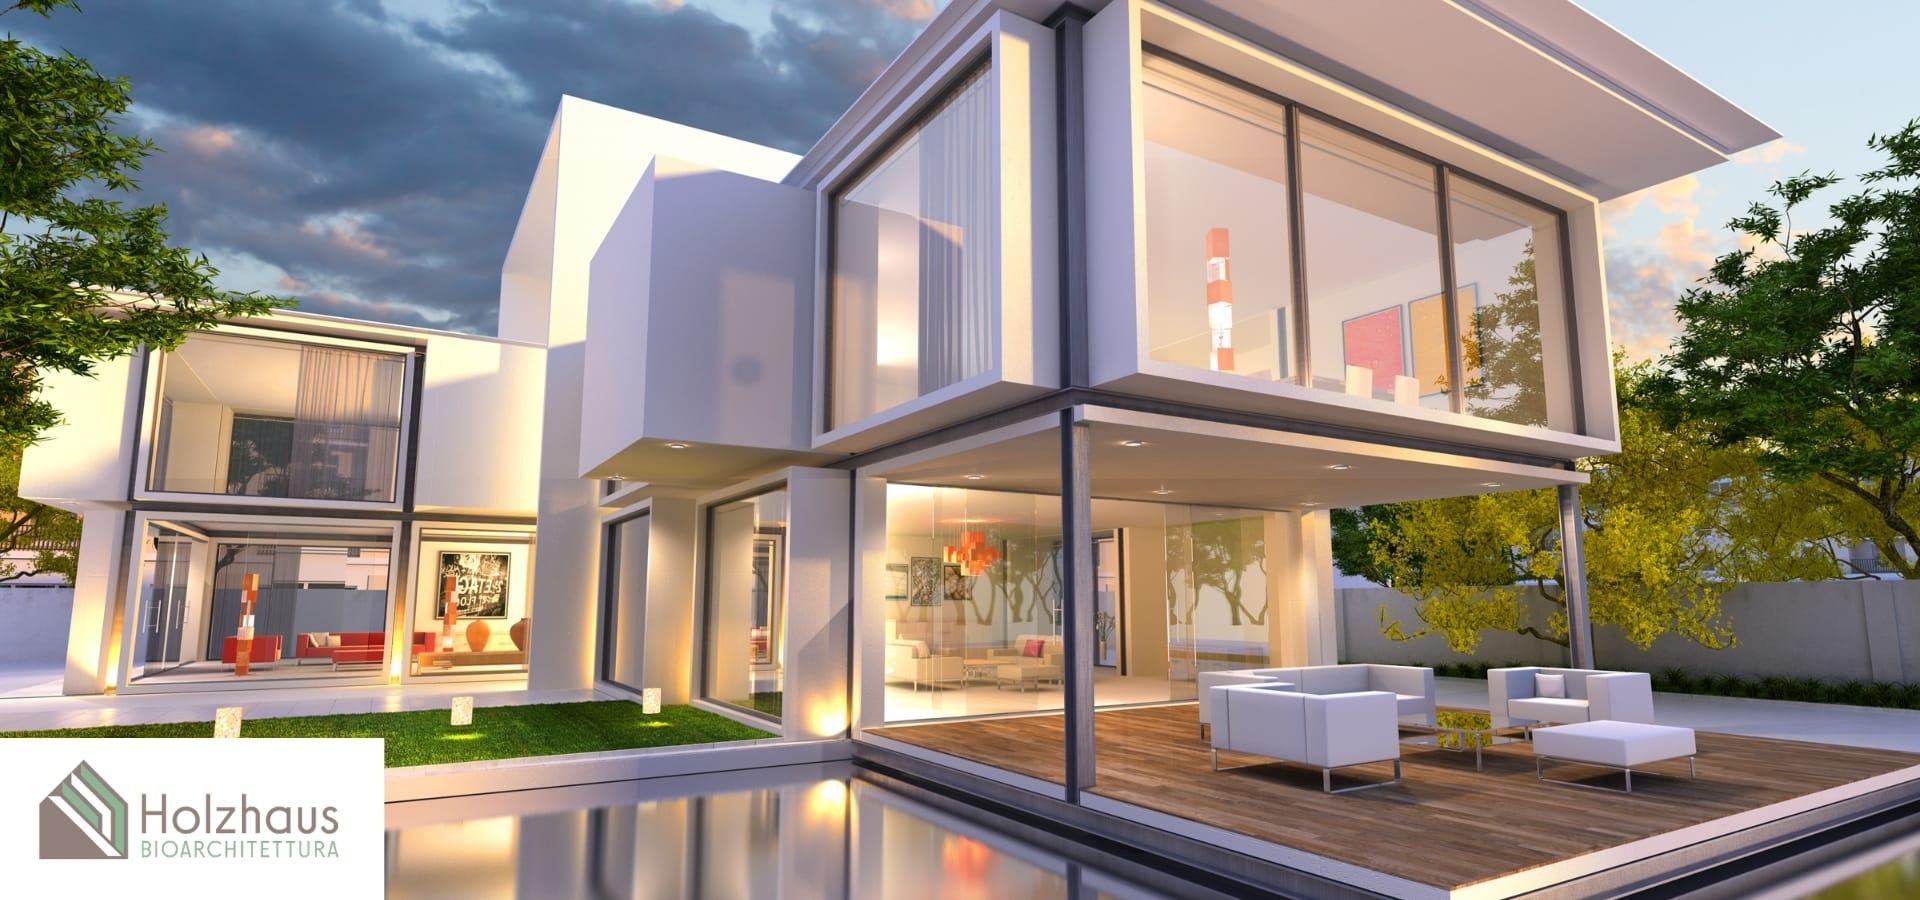 Soluzione moderna in legno a due piani con piscina esterna di Holzhaus Bioarchitettura